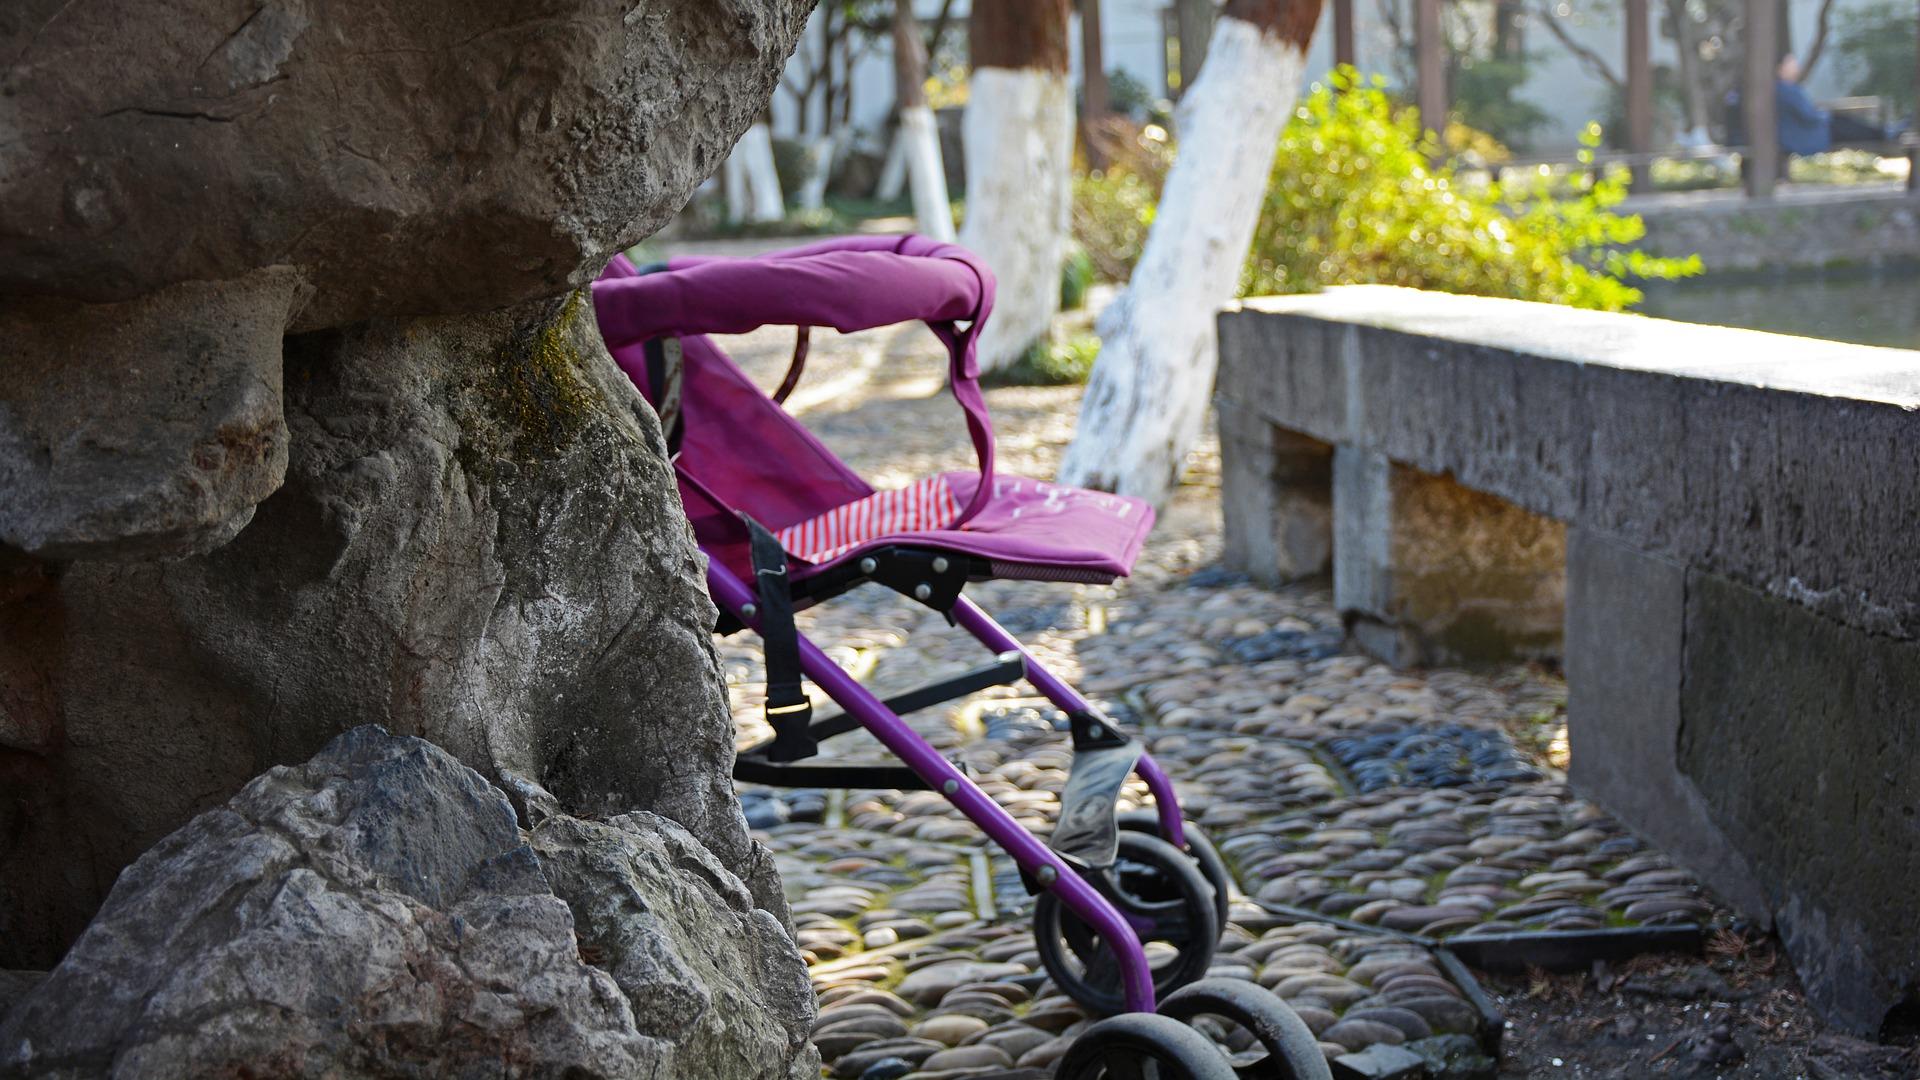 childlike 2421658 1920 - Breve Guida alla scelta del passeggino